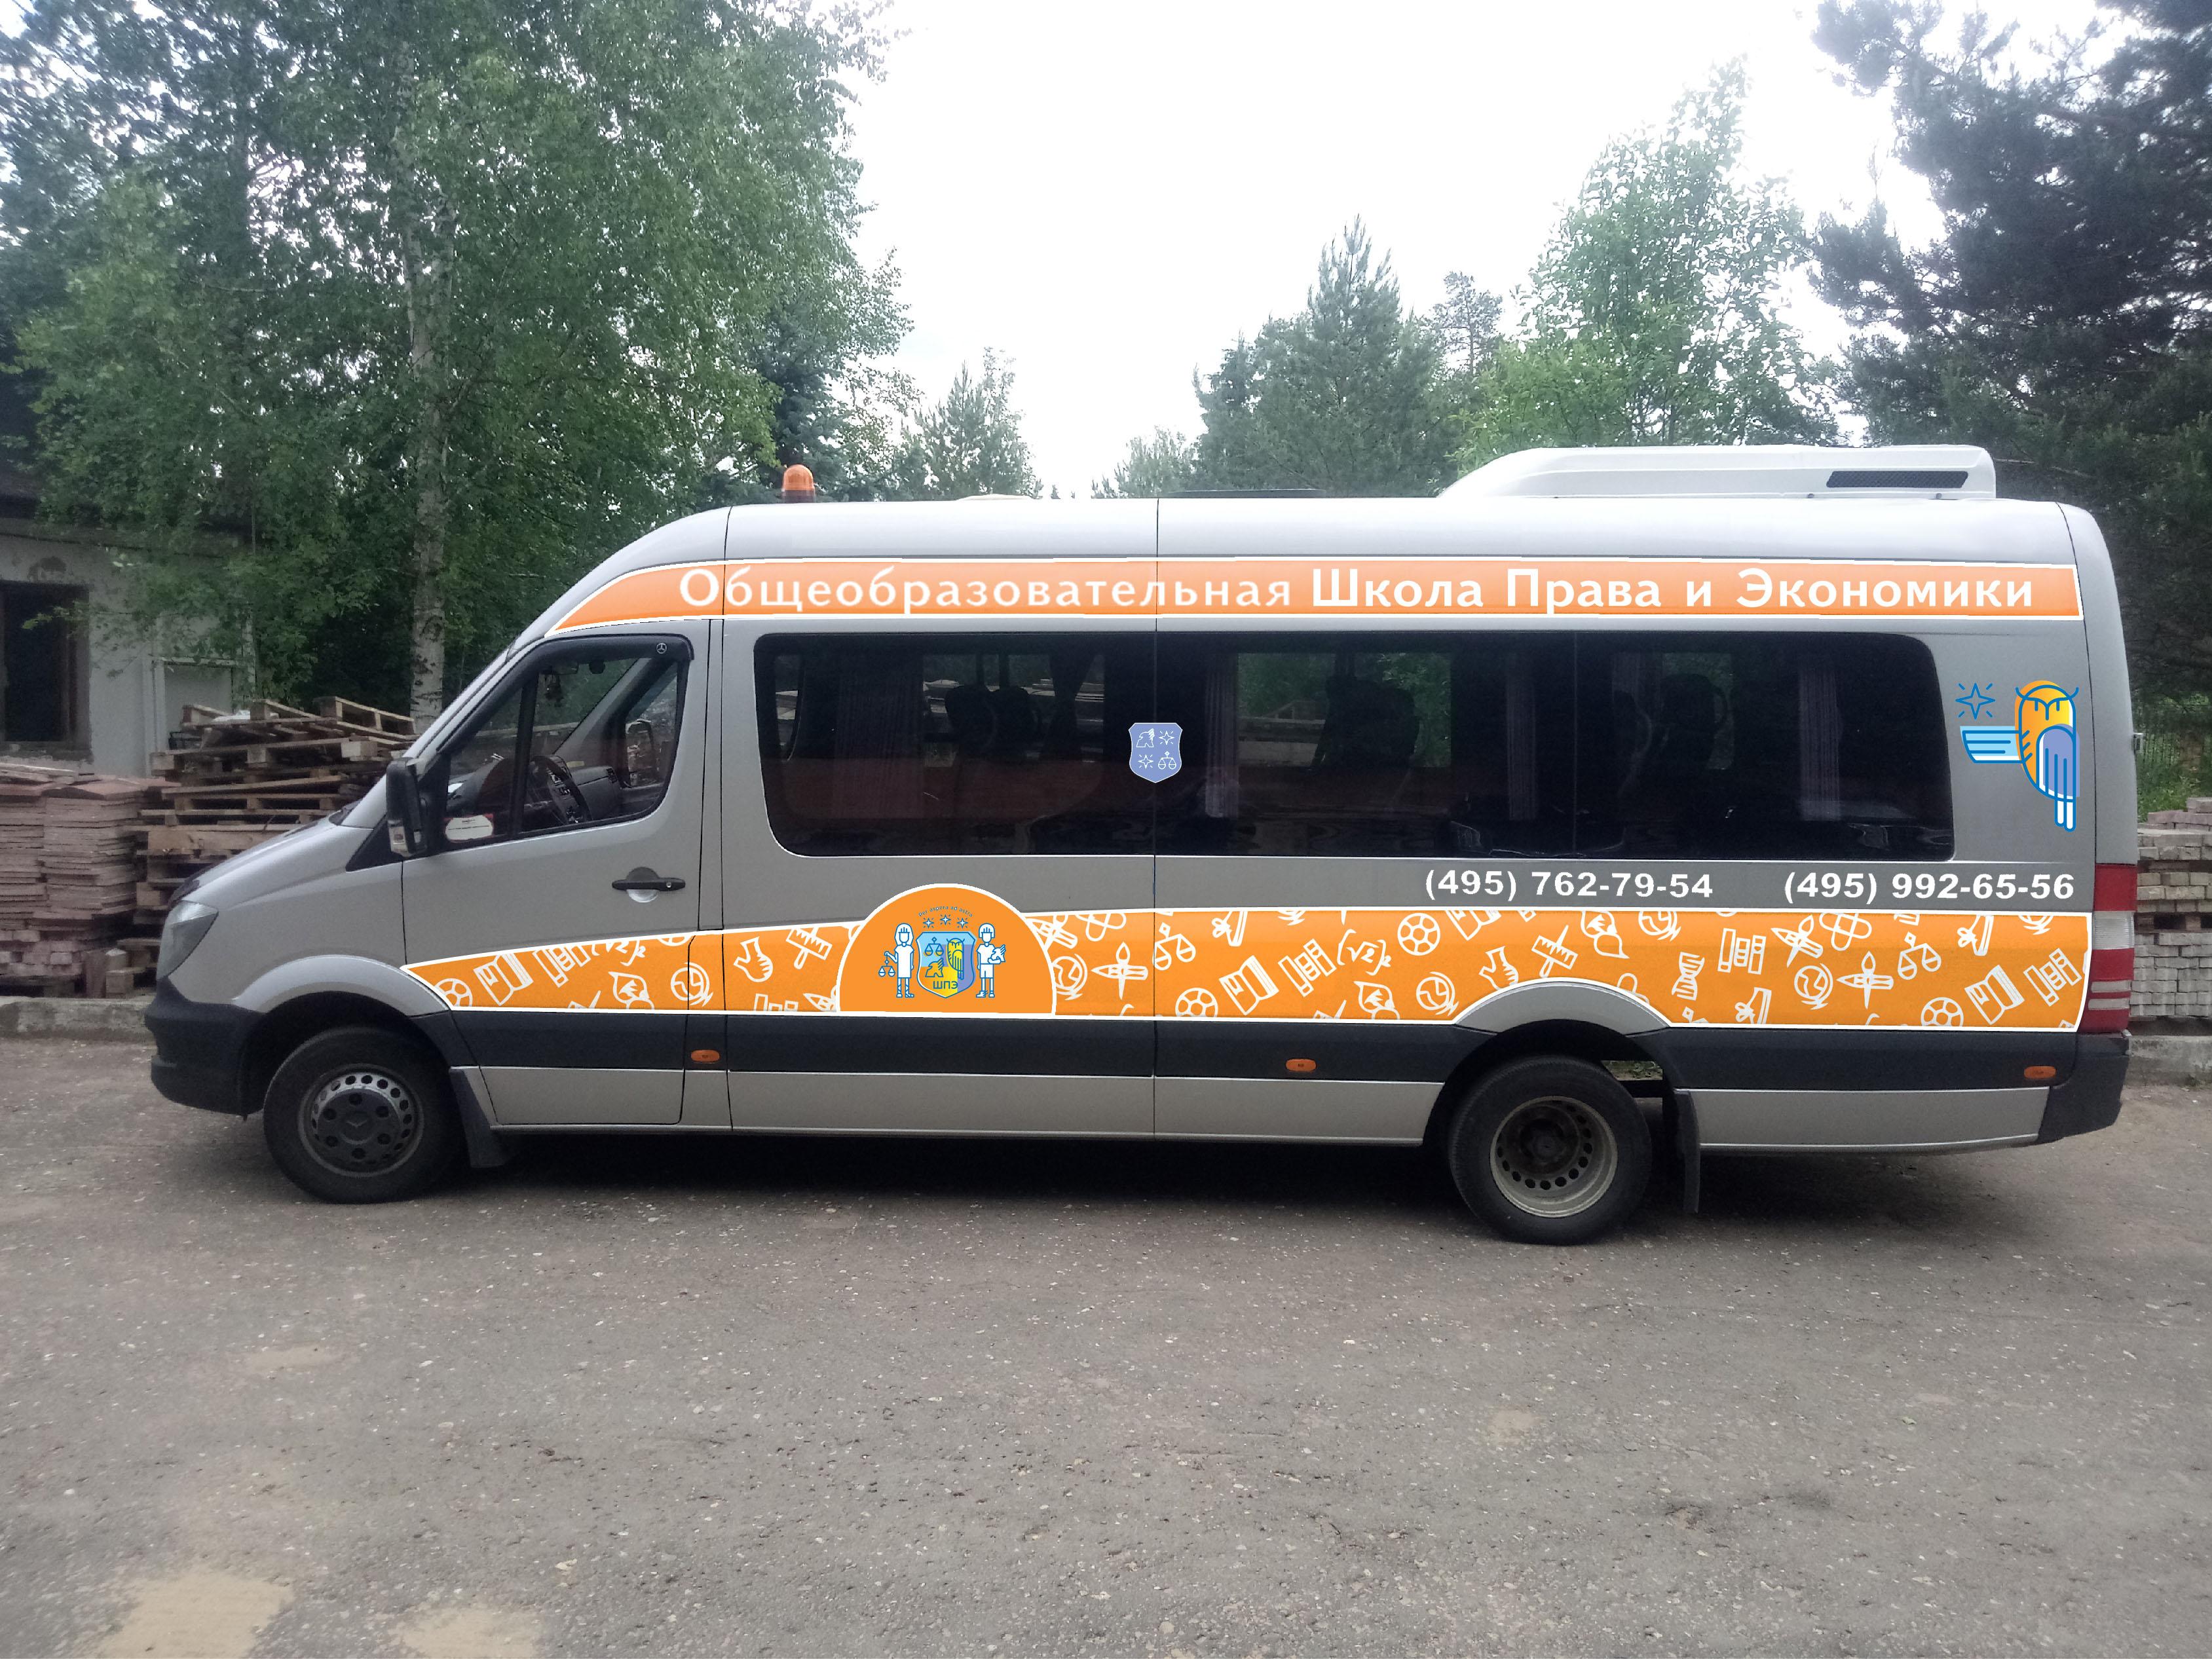 Дизайн оклейки школьного автобуса фото f_0015d01292b60a1c.jpg